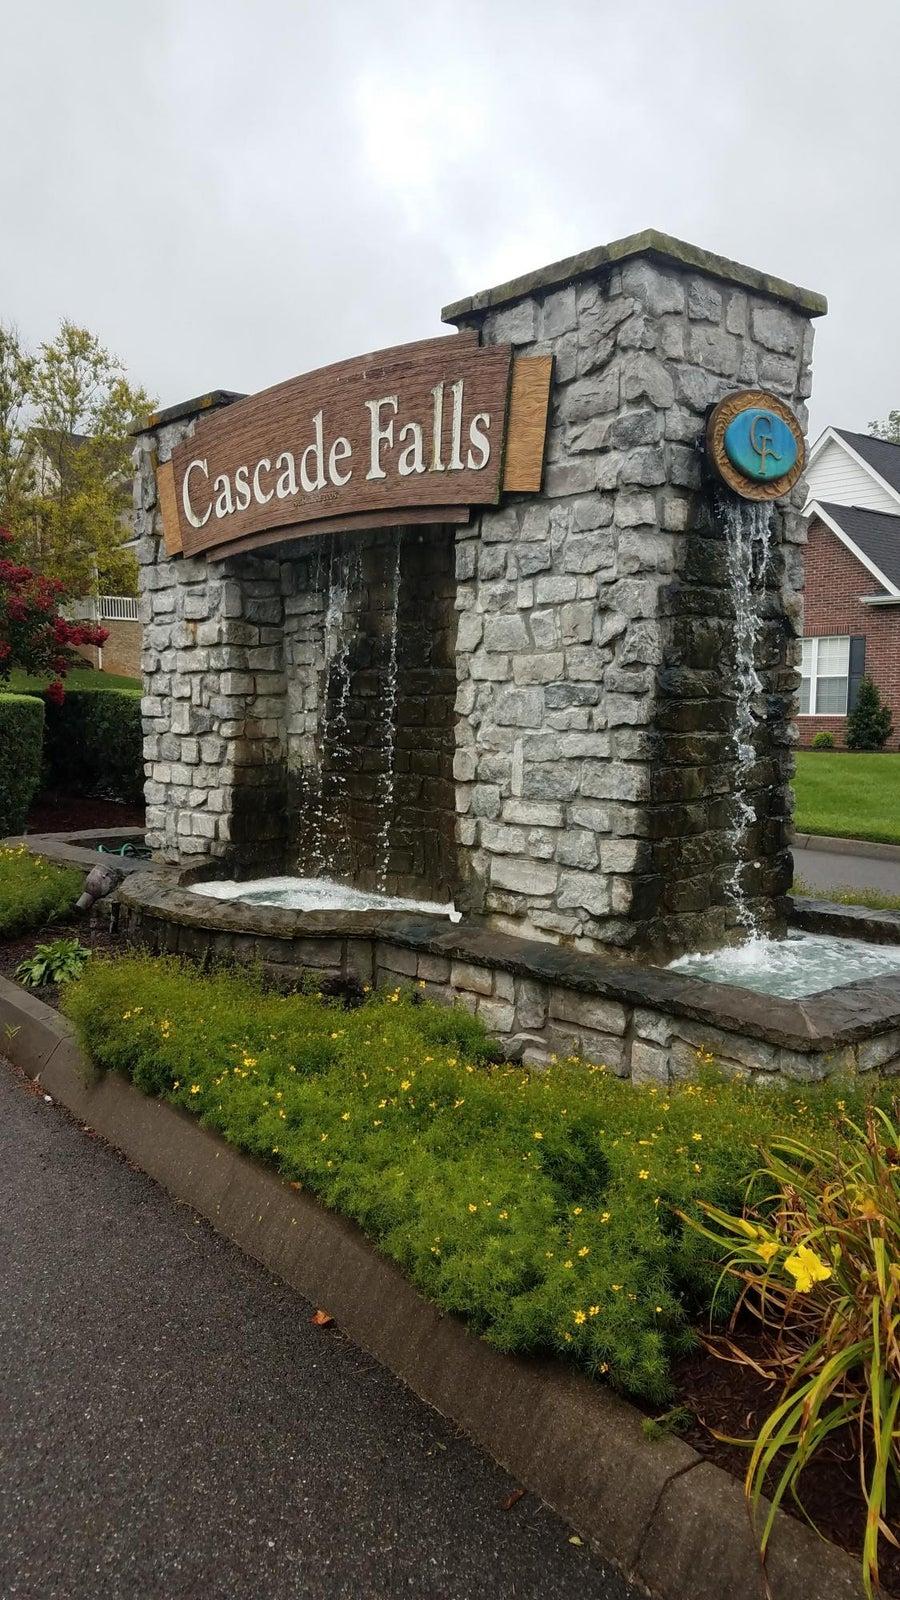 cascade falls entrance